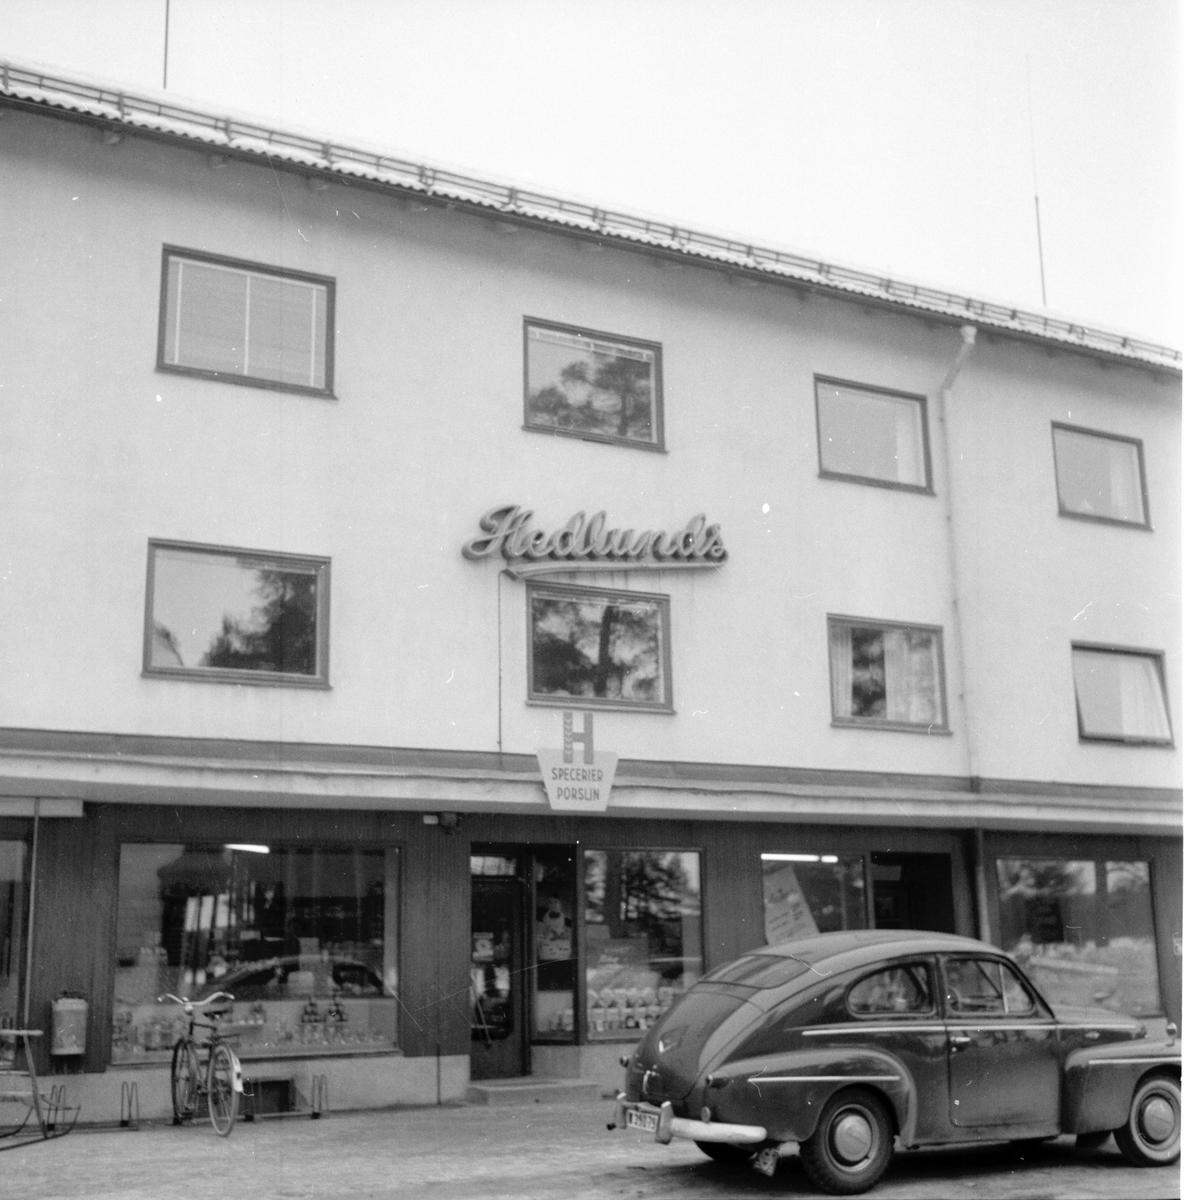 Furudal, Oronappet gör upp, 22 Febr. 1959